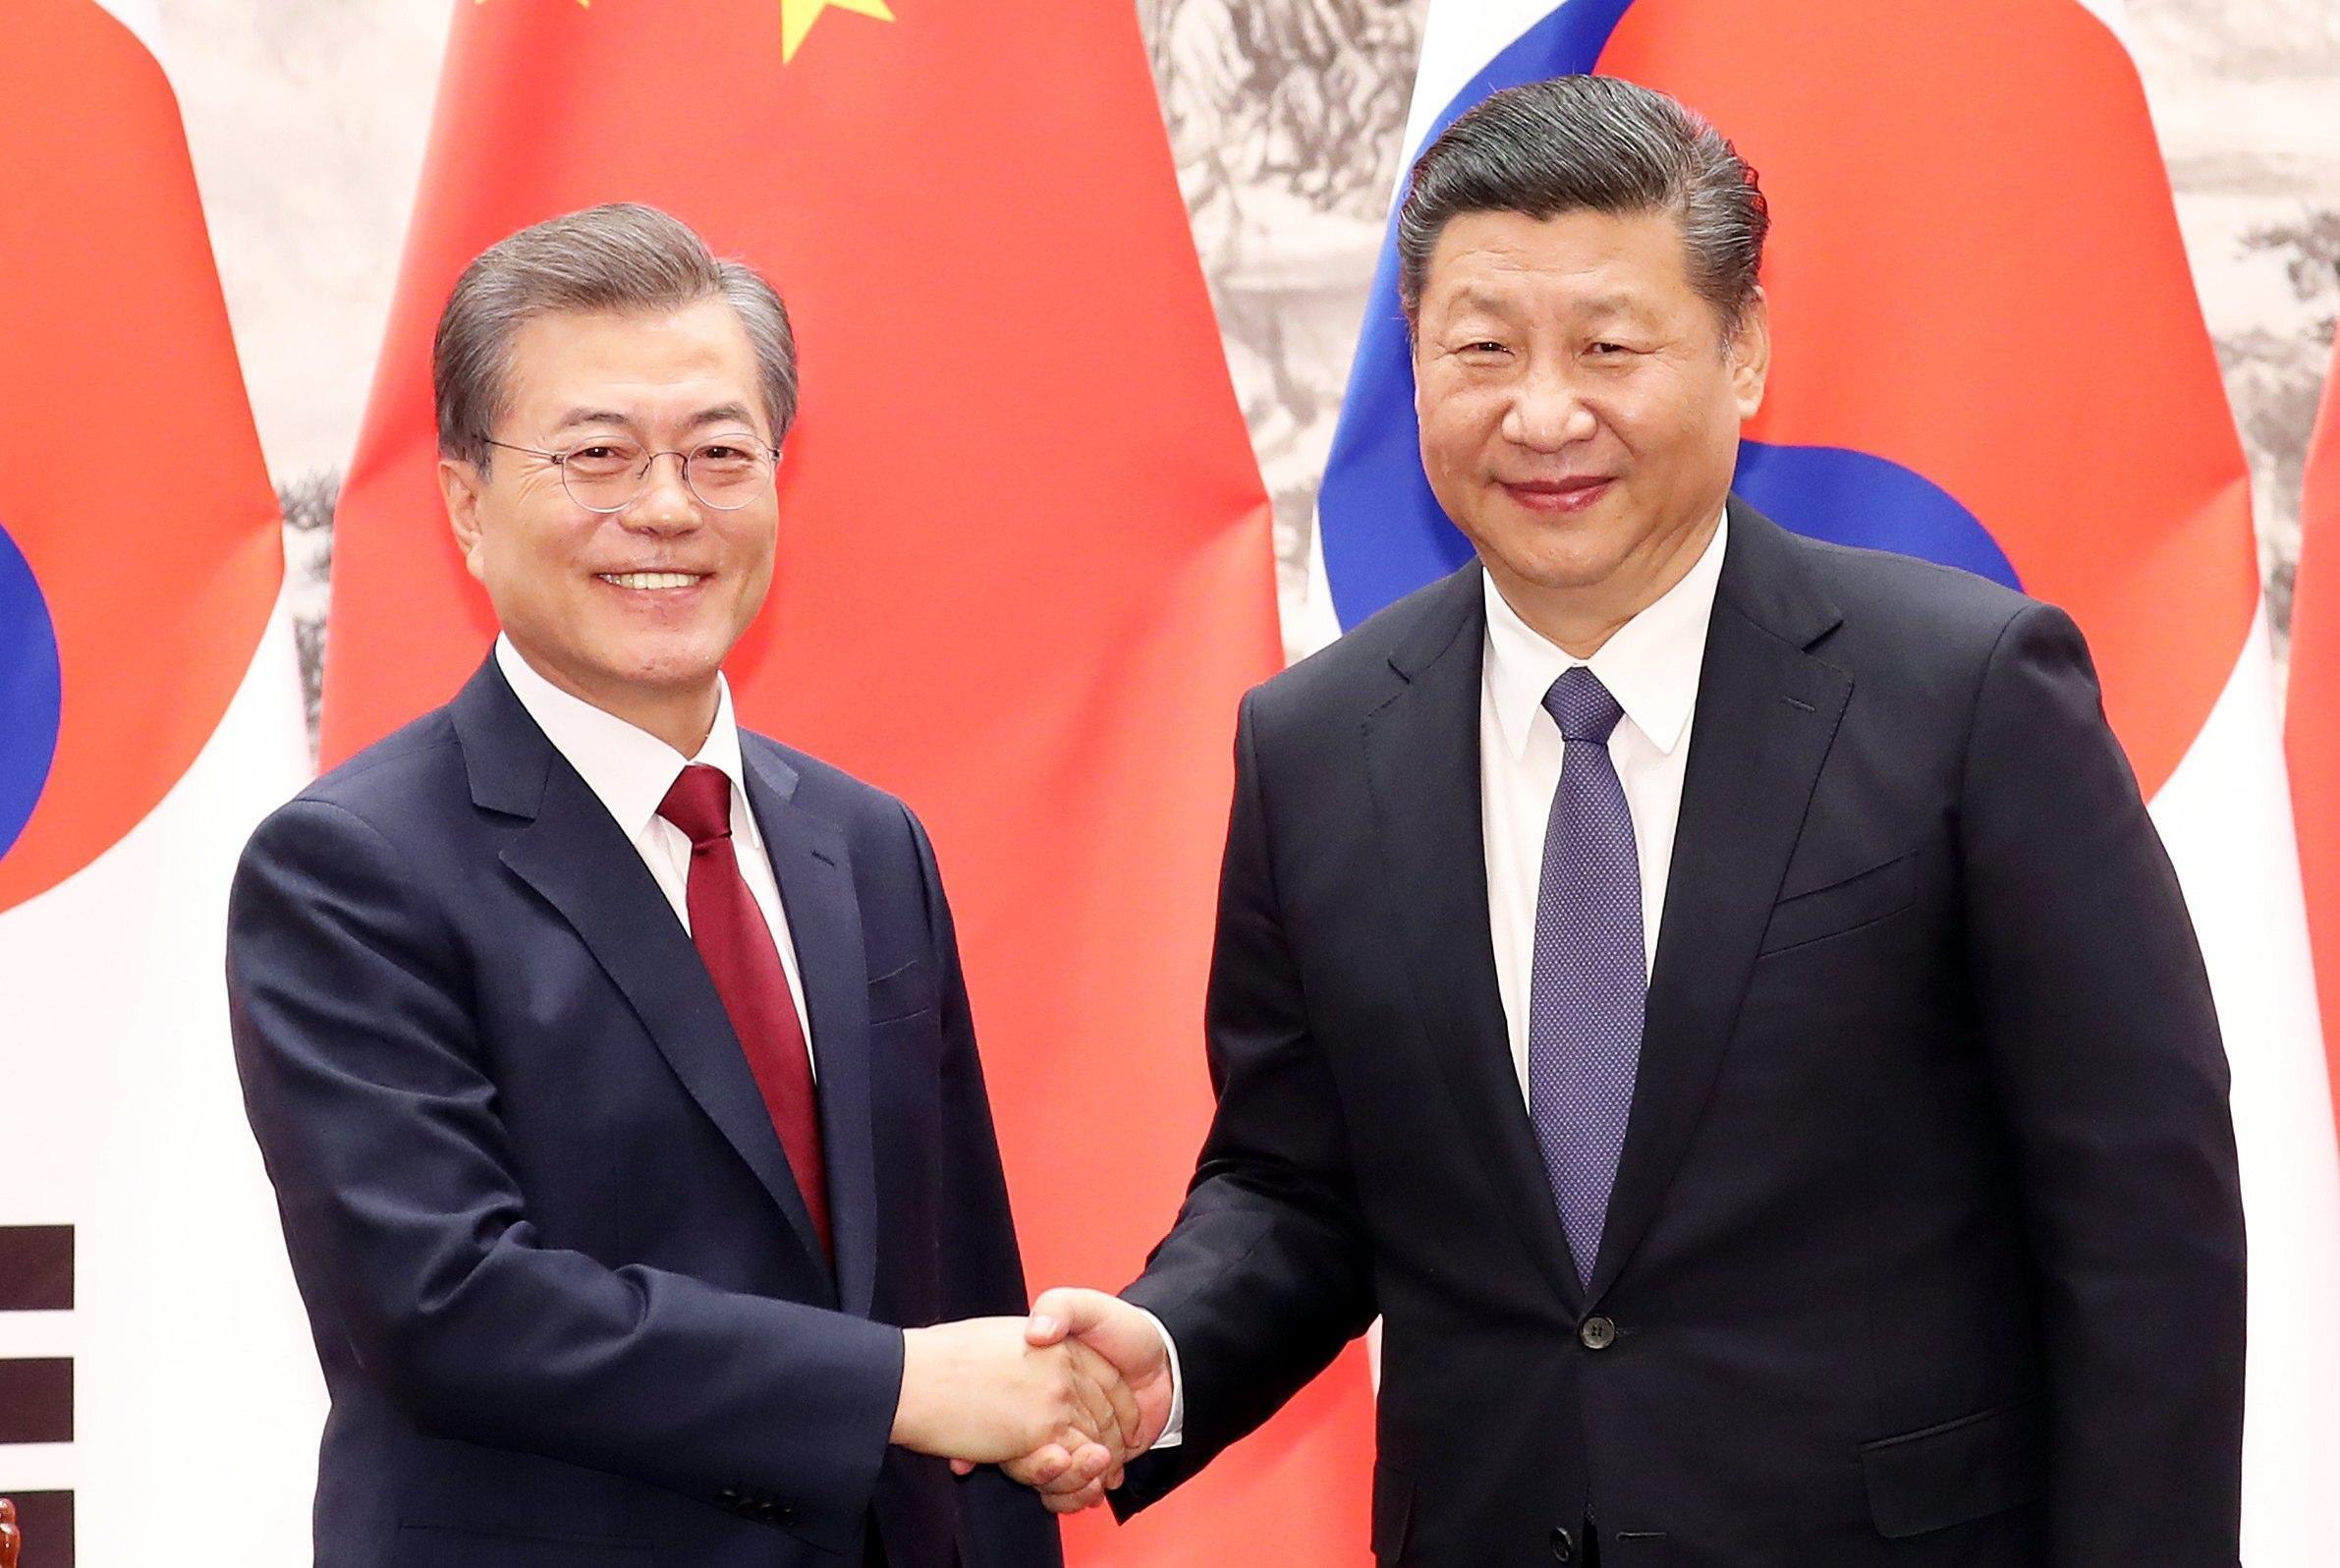 Corea Nord: Xi e Moon, mai più guerre